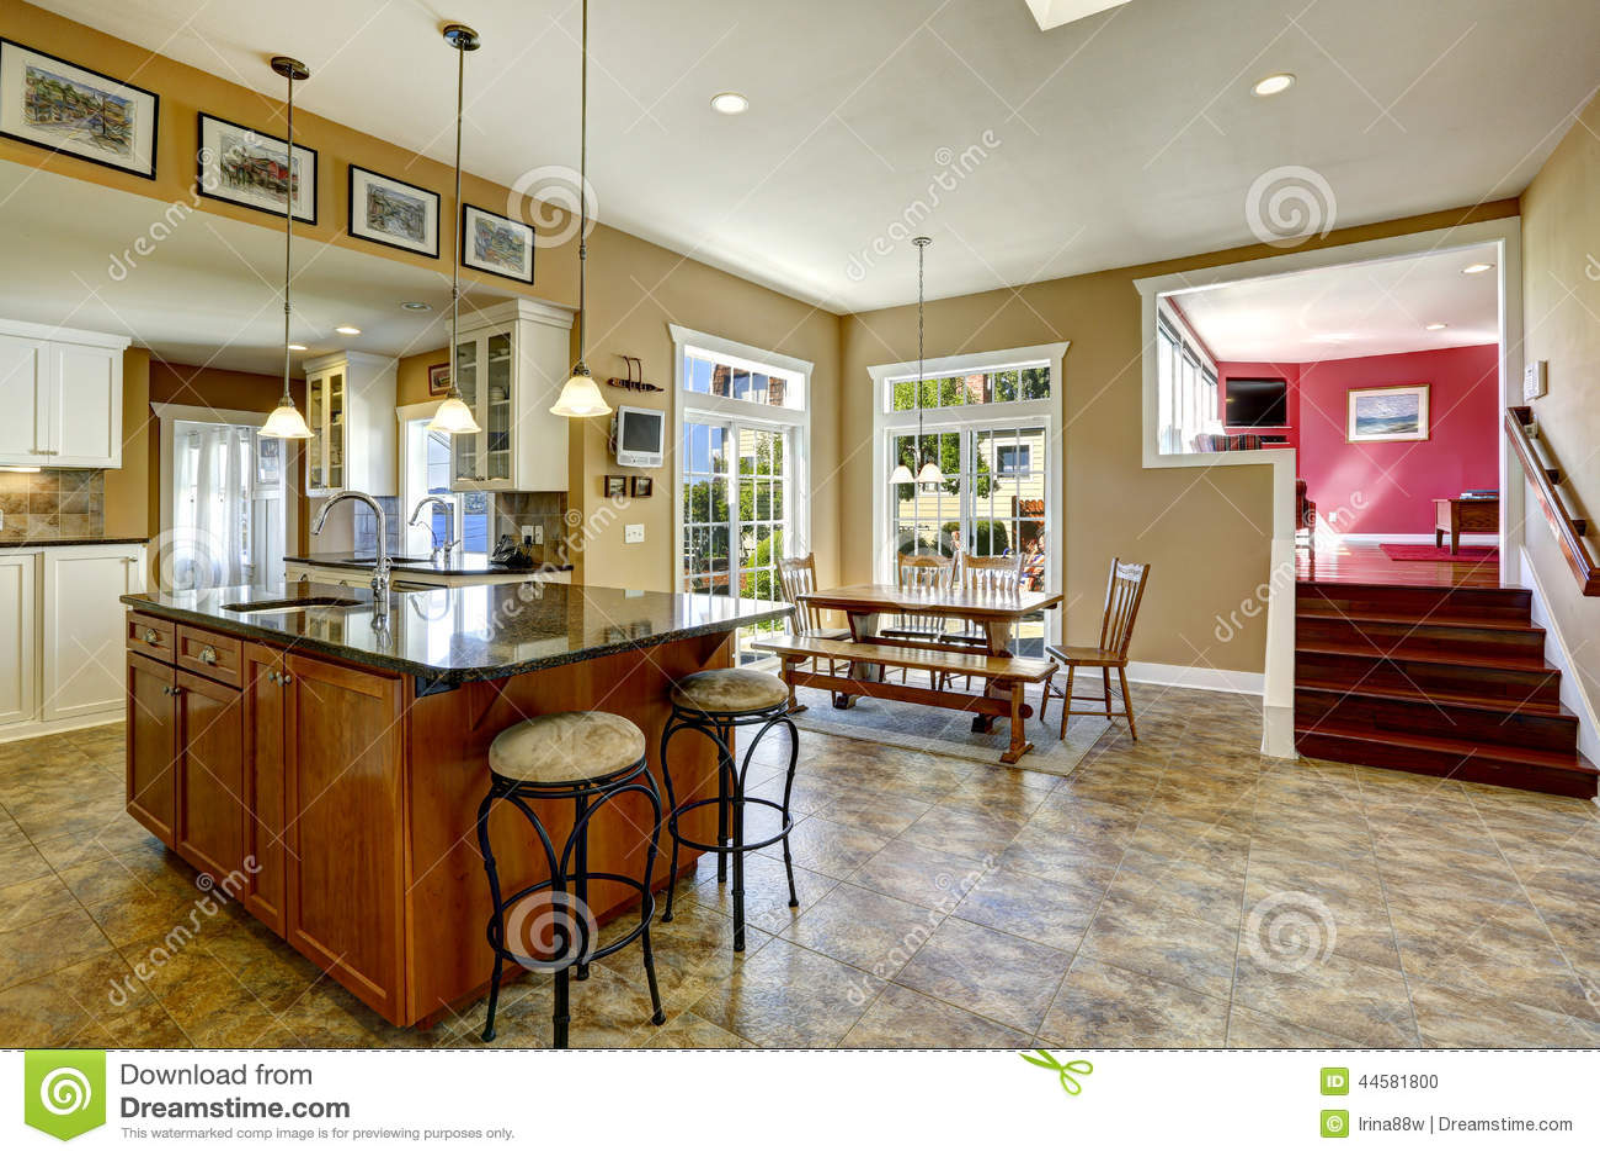 Isola cucina disegno tavolo - Stanze da pranzo moderne ...